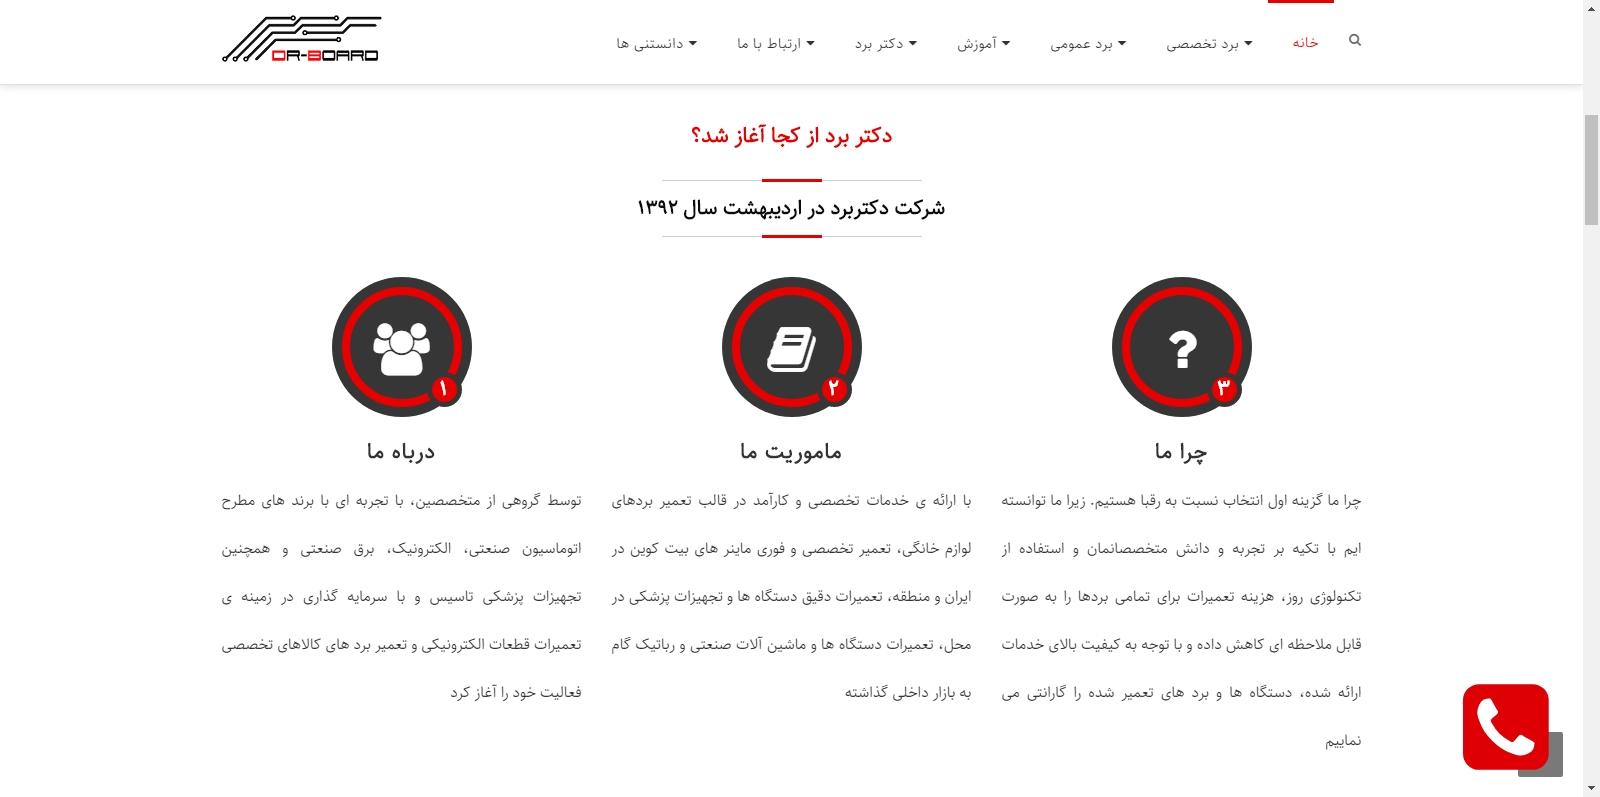 screenshot 20200525 235950 - dr-board.com